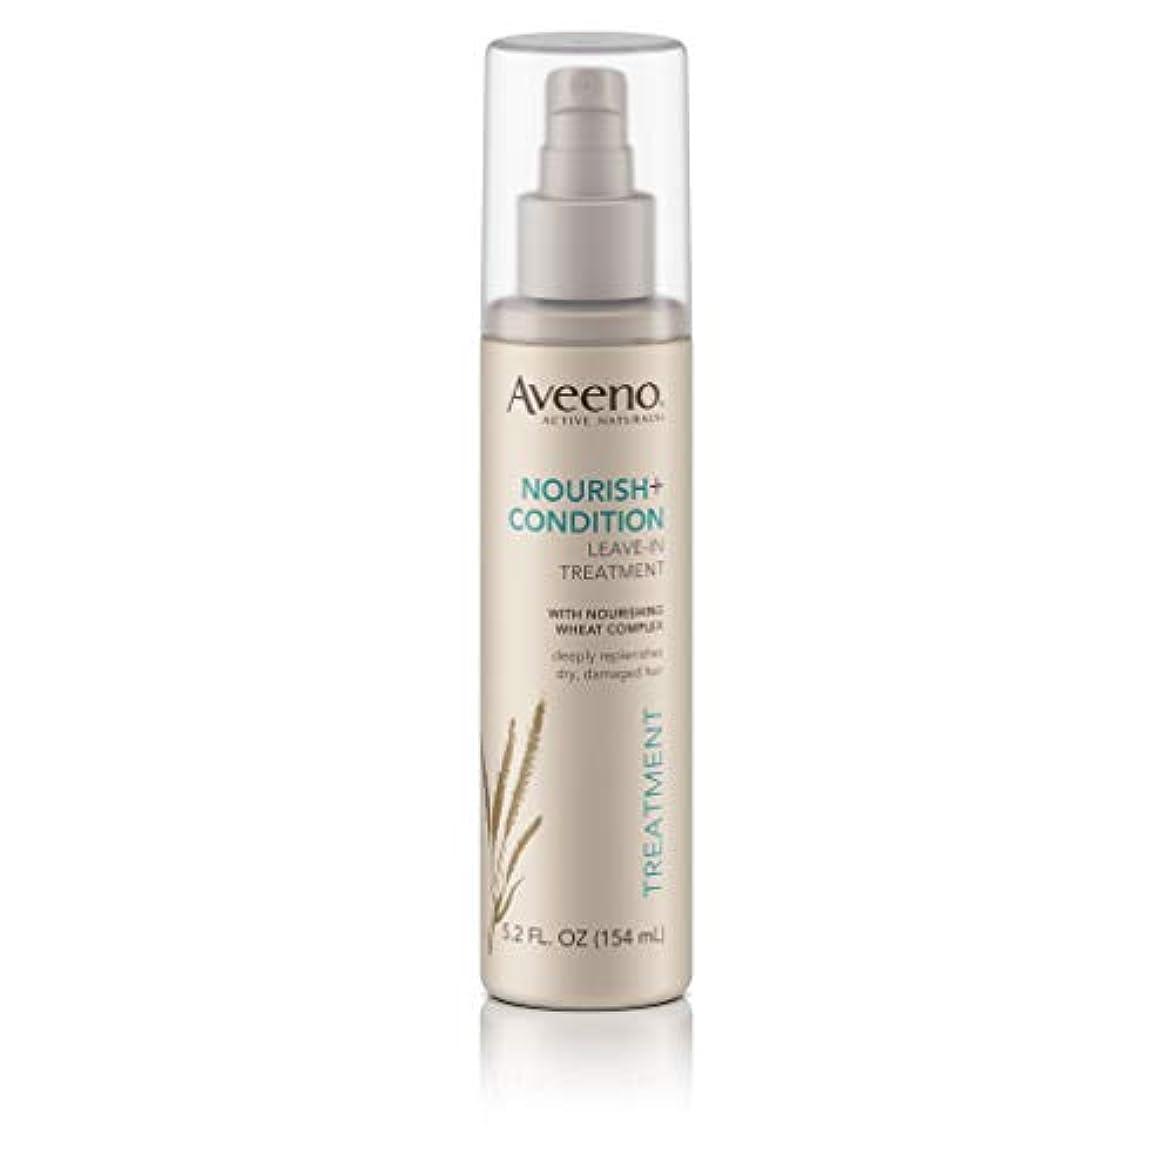 摩擦脊椎コンクリートAveeno Nourish+ Condition Treatment Spray 150g (並行輸入品)